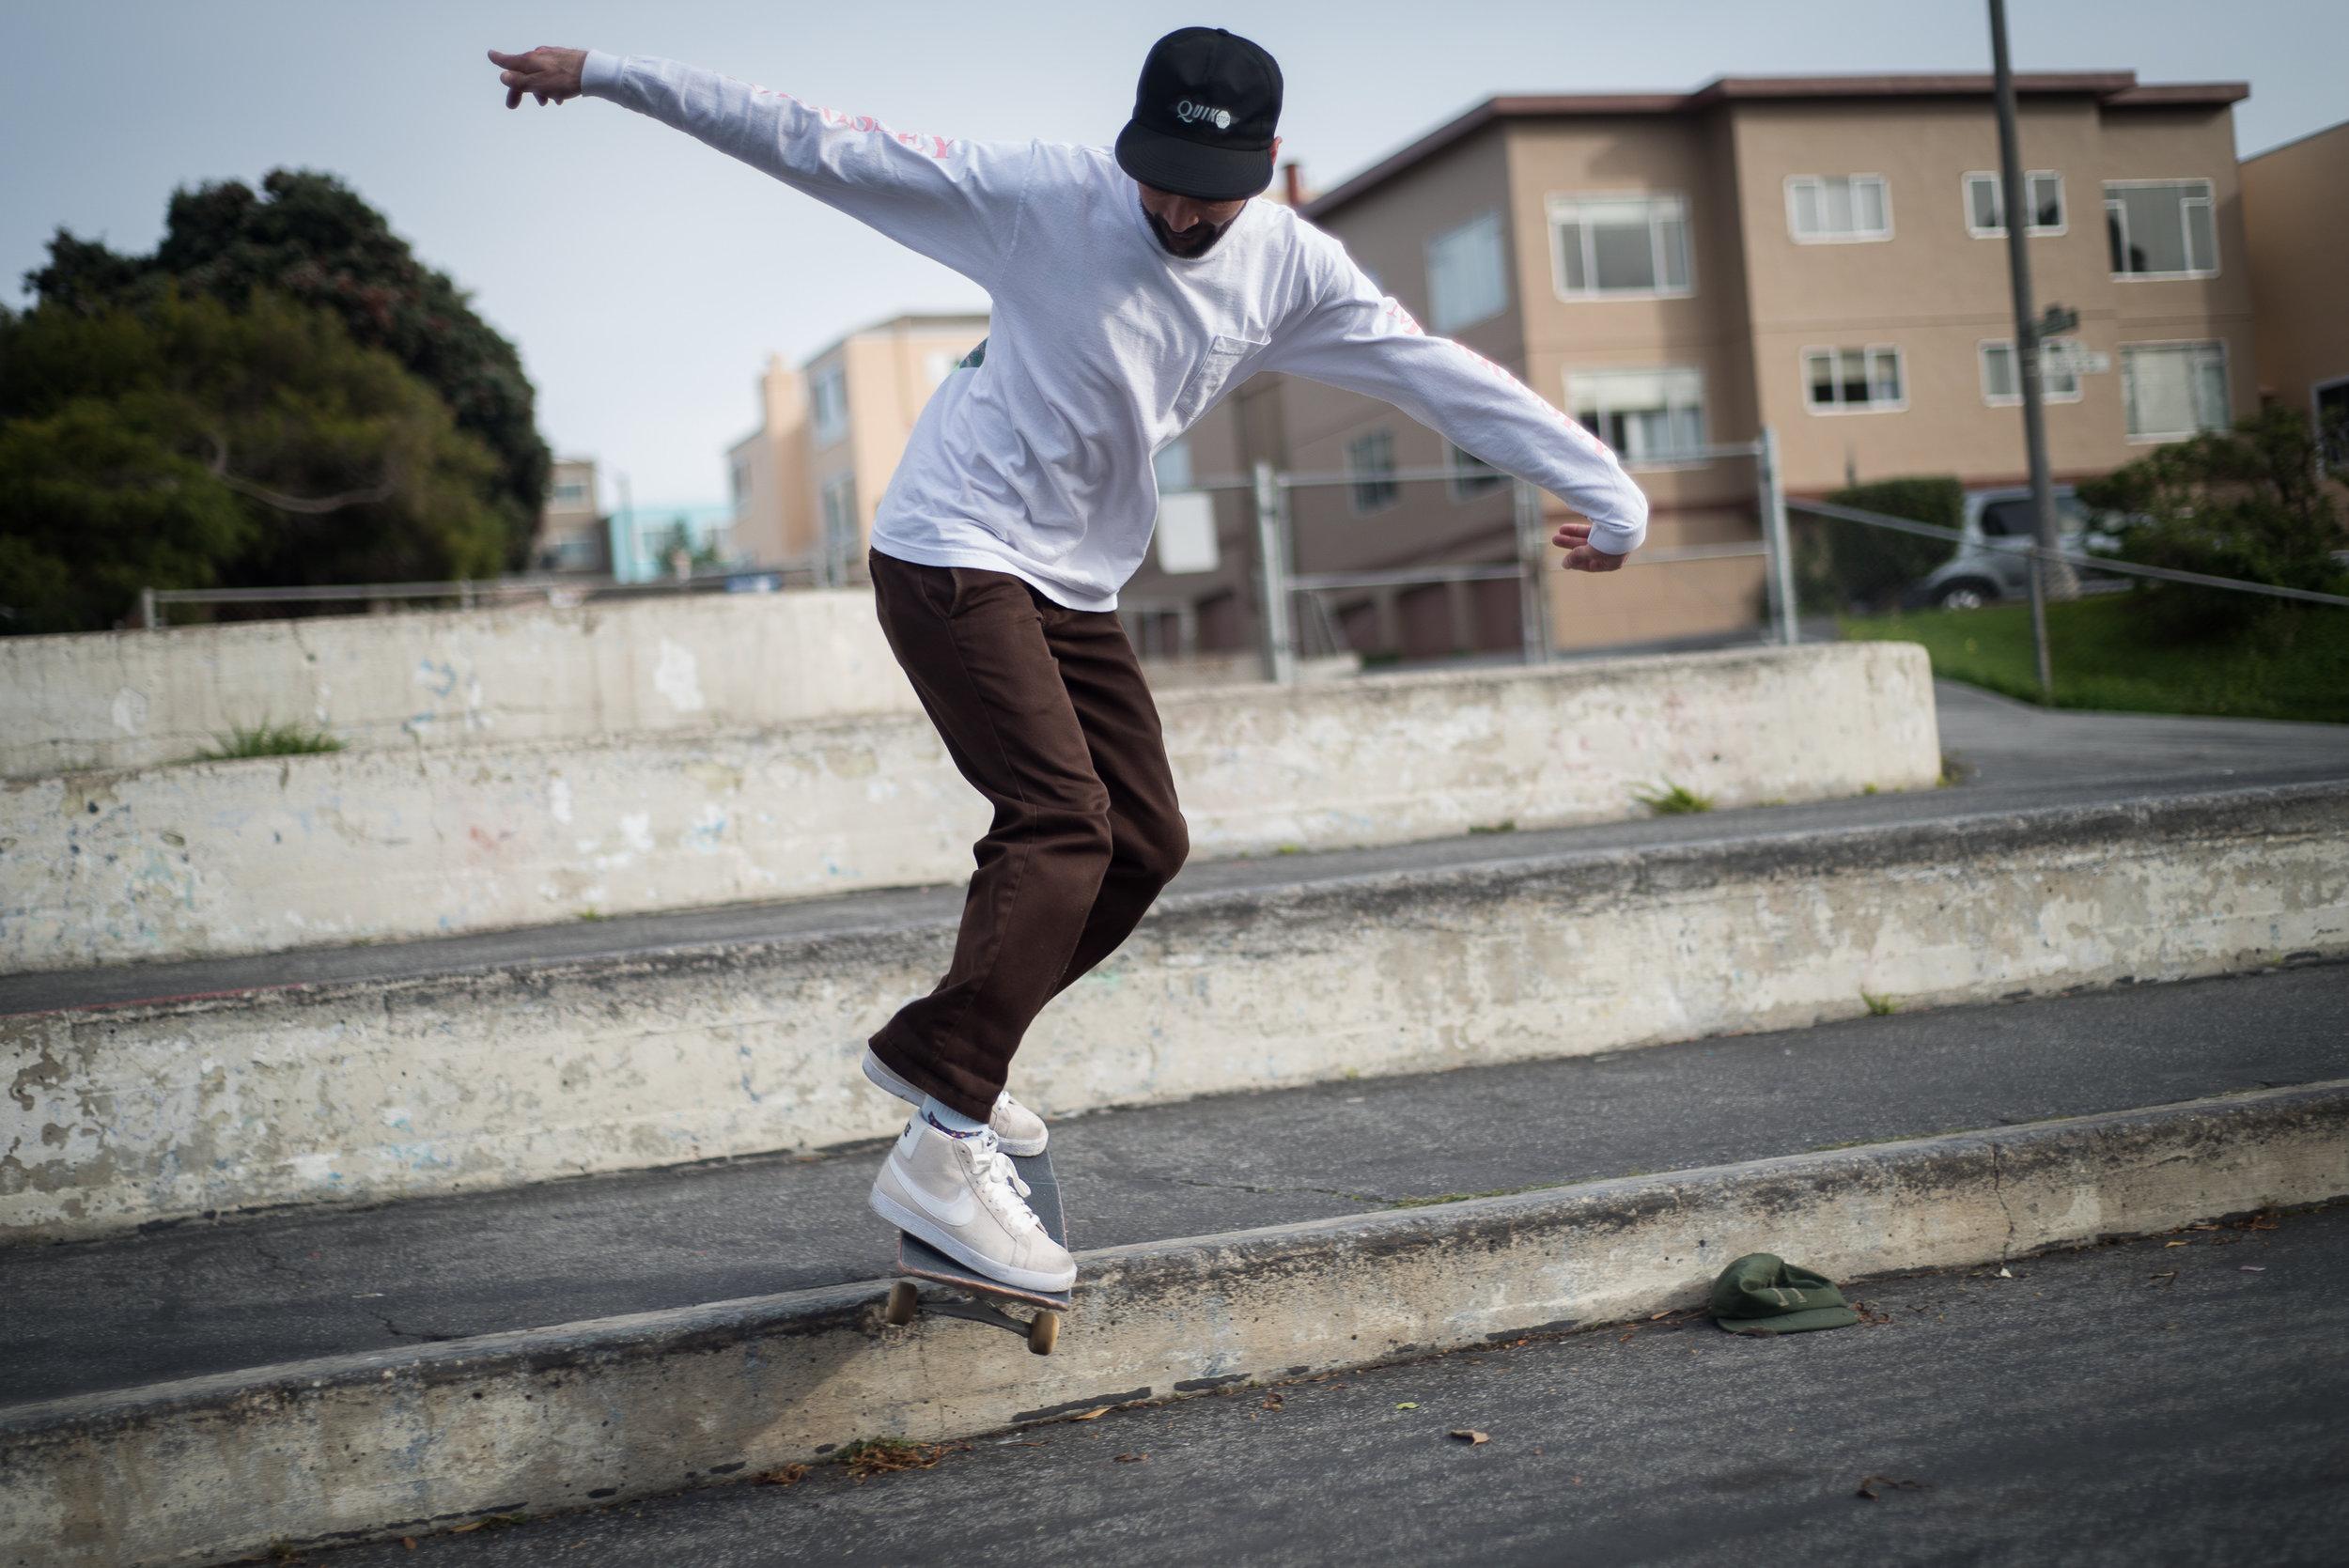 12.4.16_Skate-1044.jpg